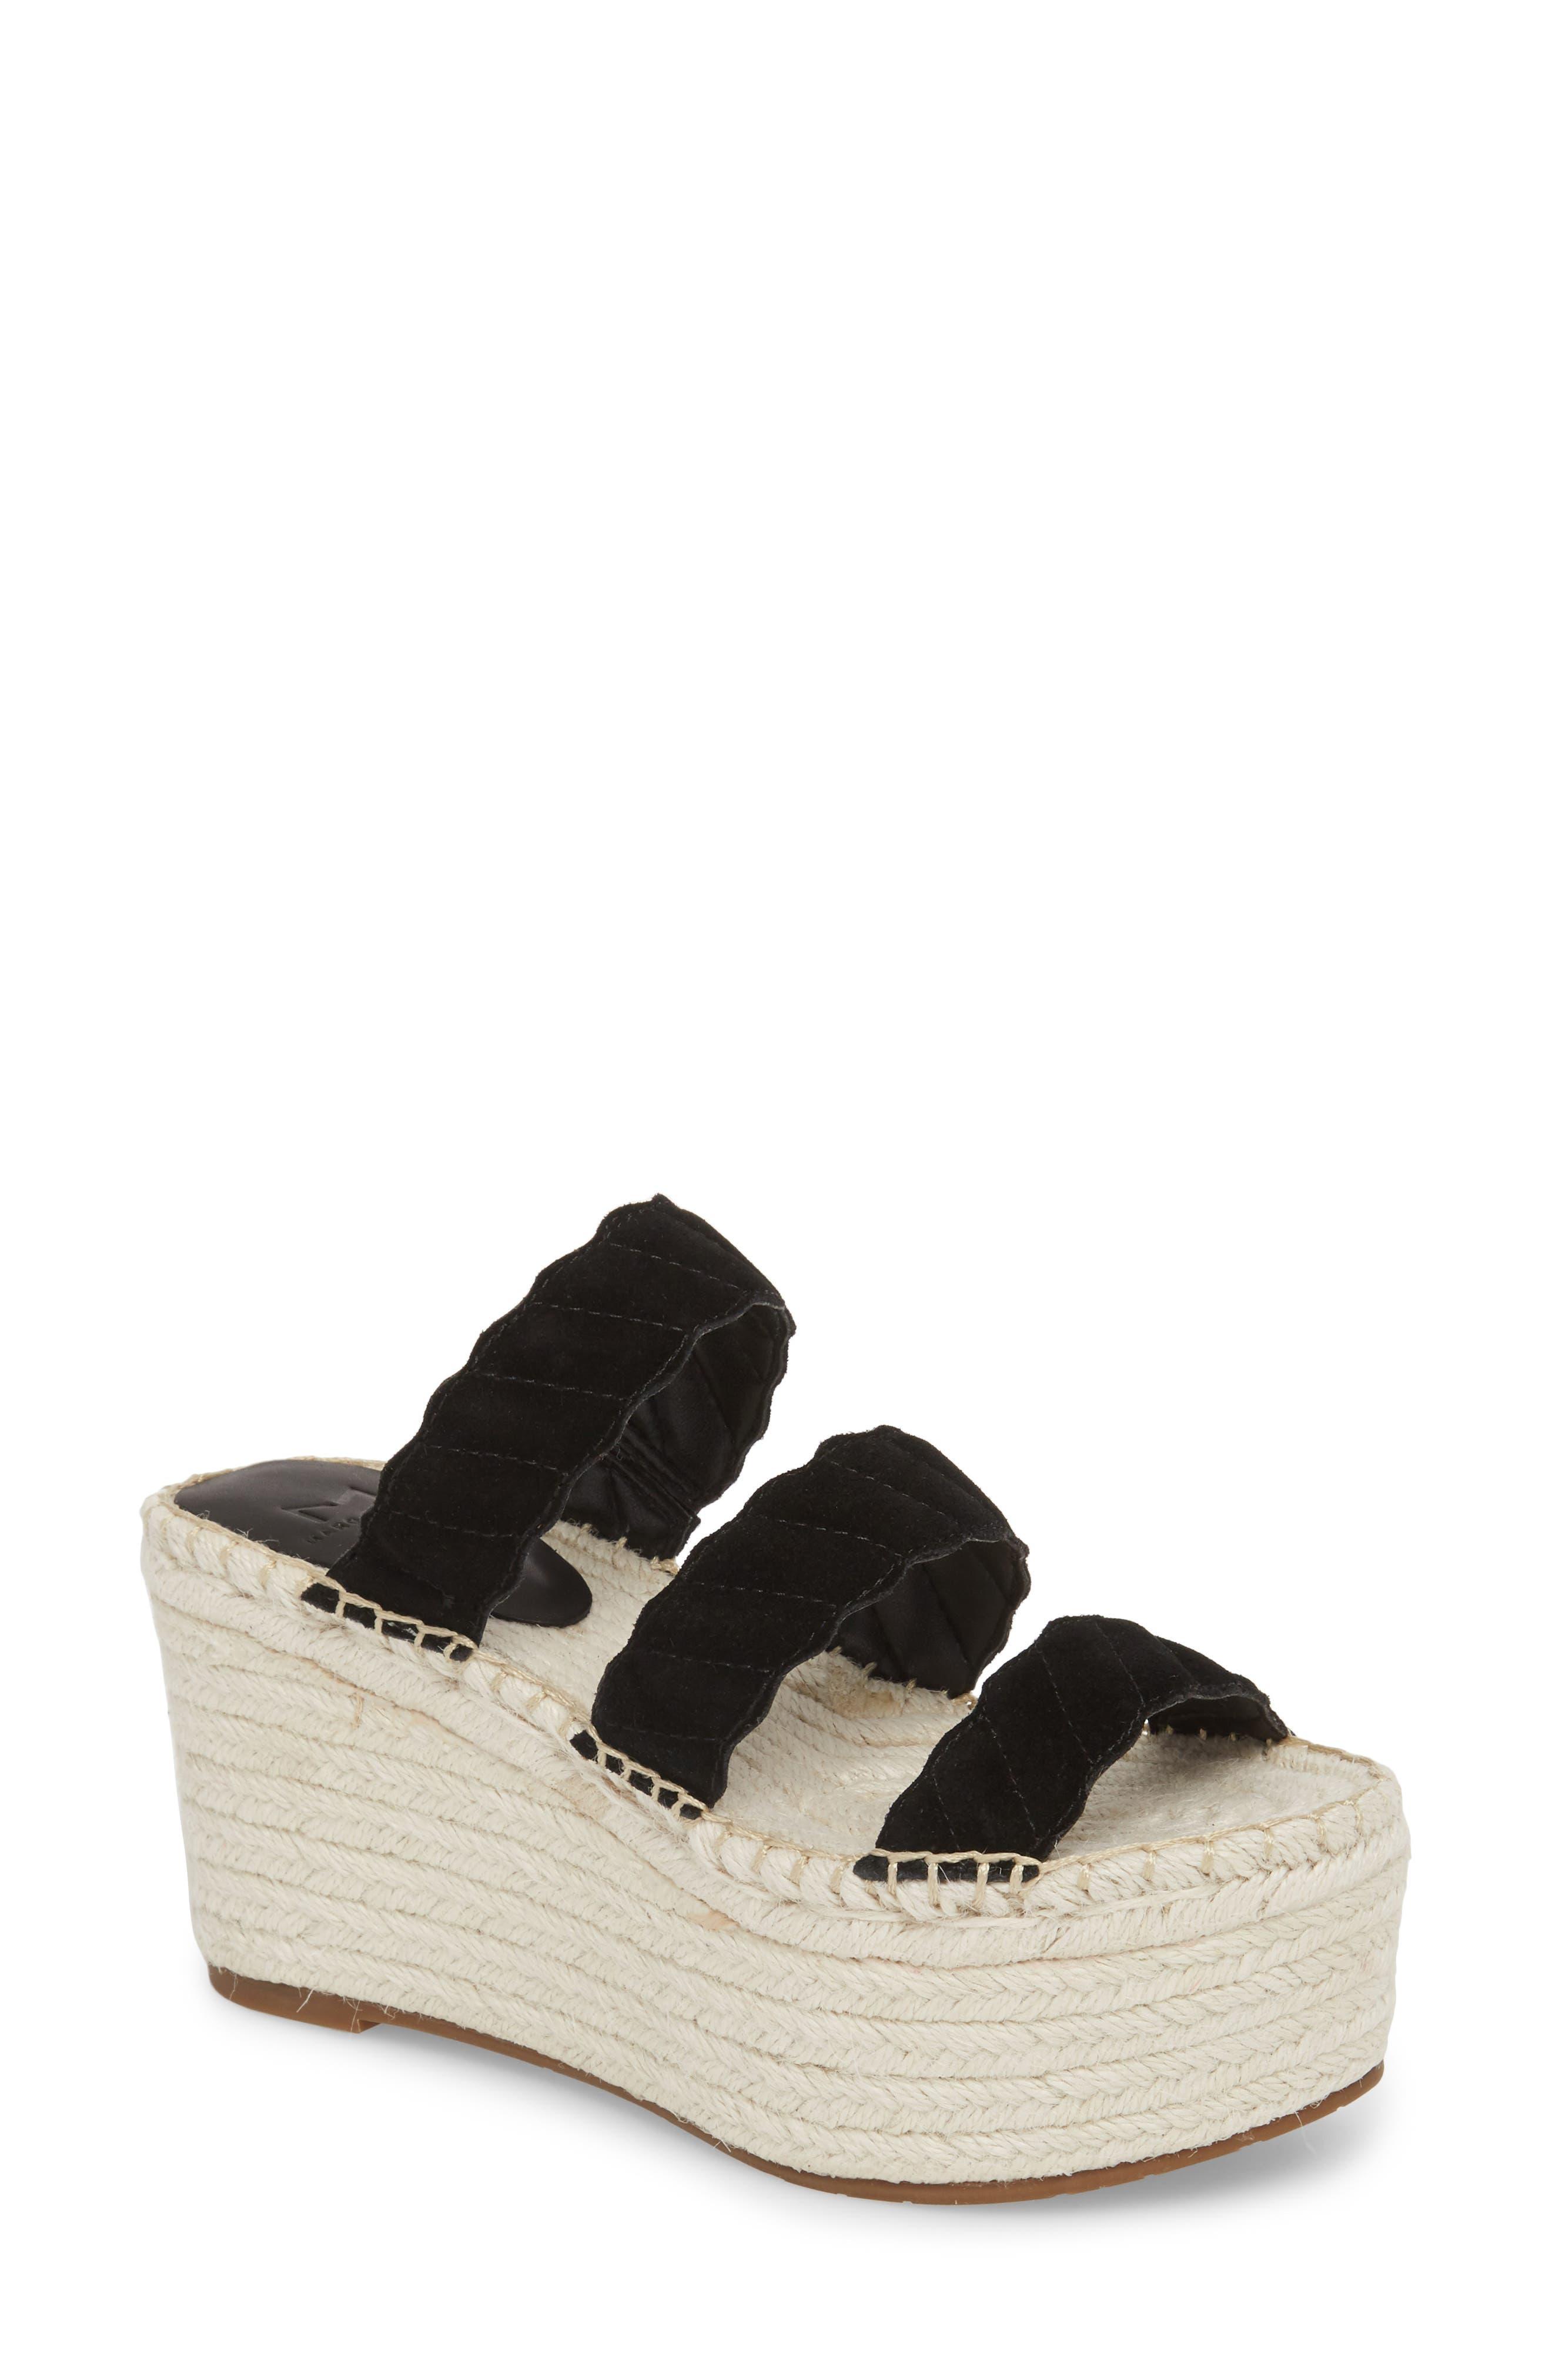 Rosie Espadrille Platform Sandal,                             Main thumbnail 1, color,                             BLACK SUEDE